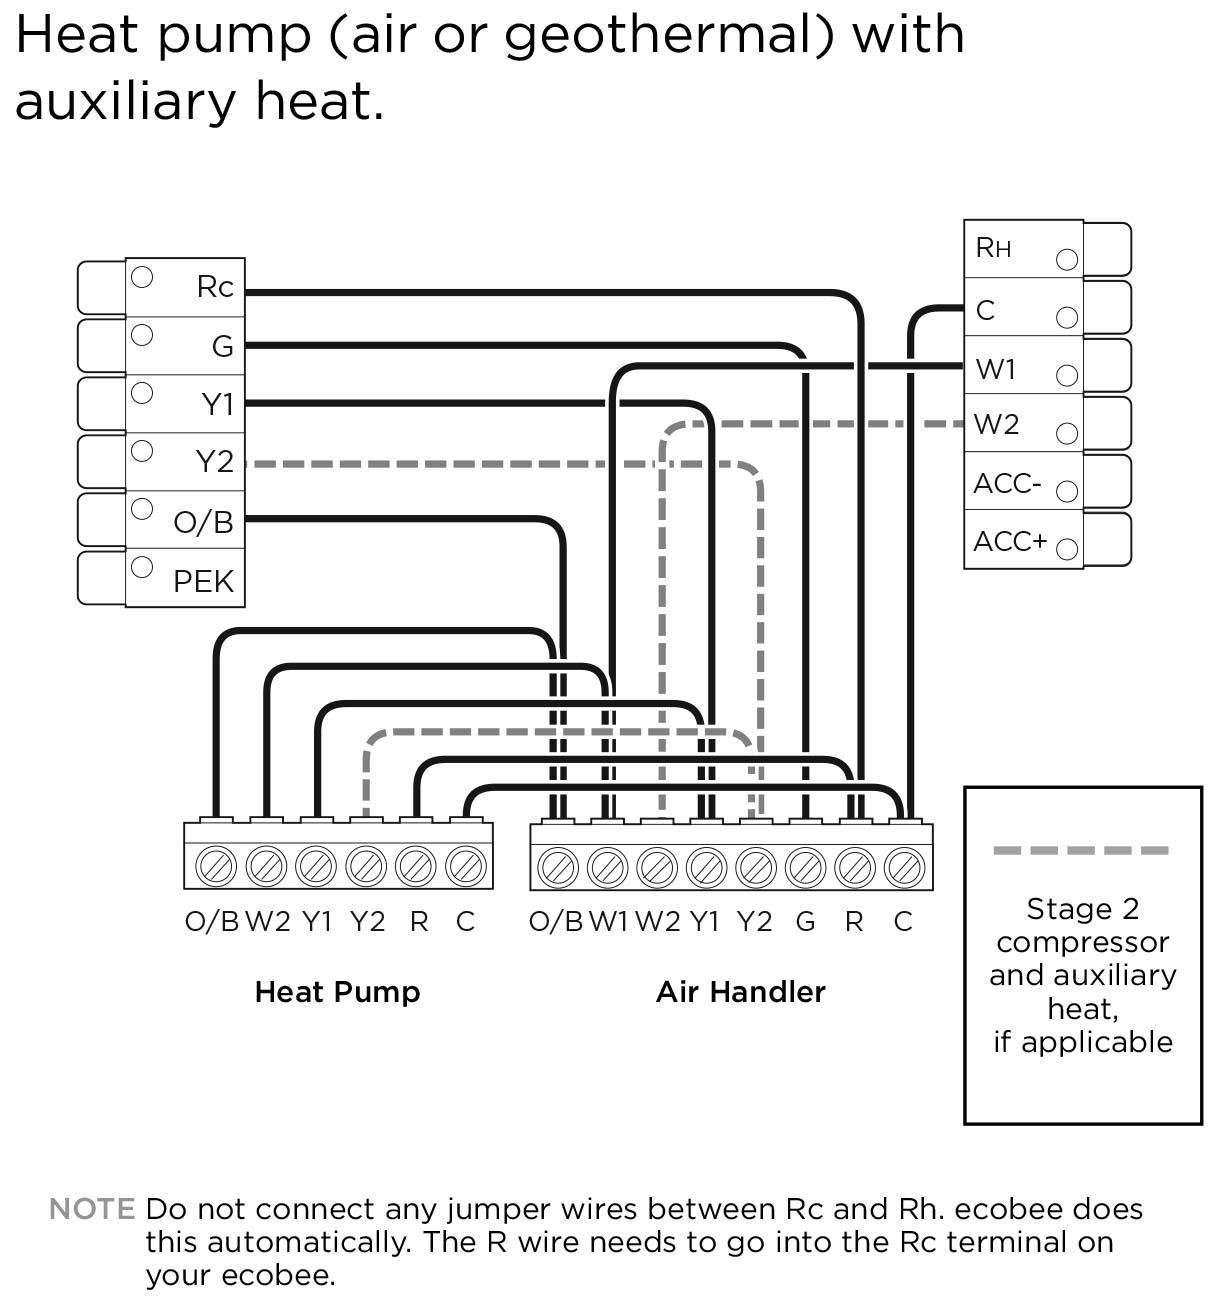 Geothermal Heat Pump Wiring Diagram | Manual E-Books - Heat Pump Wiring Diagram